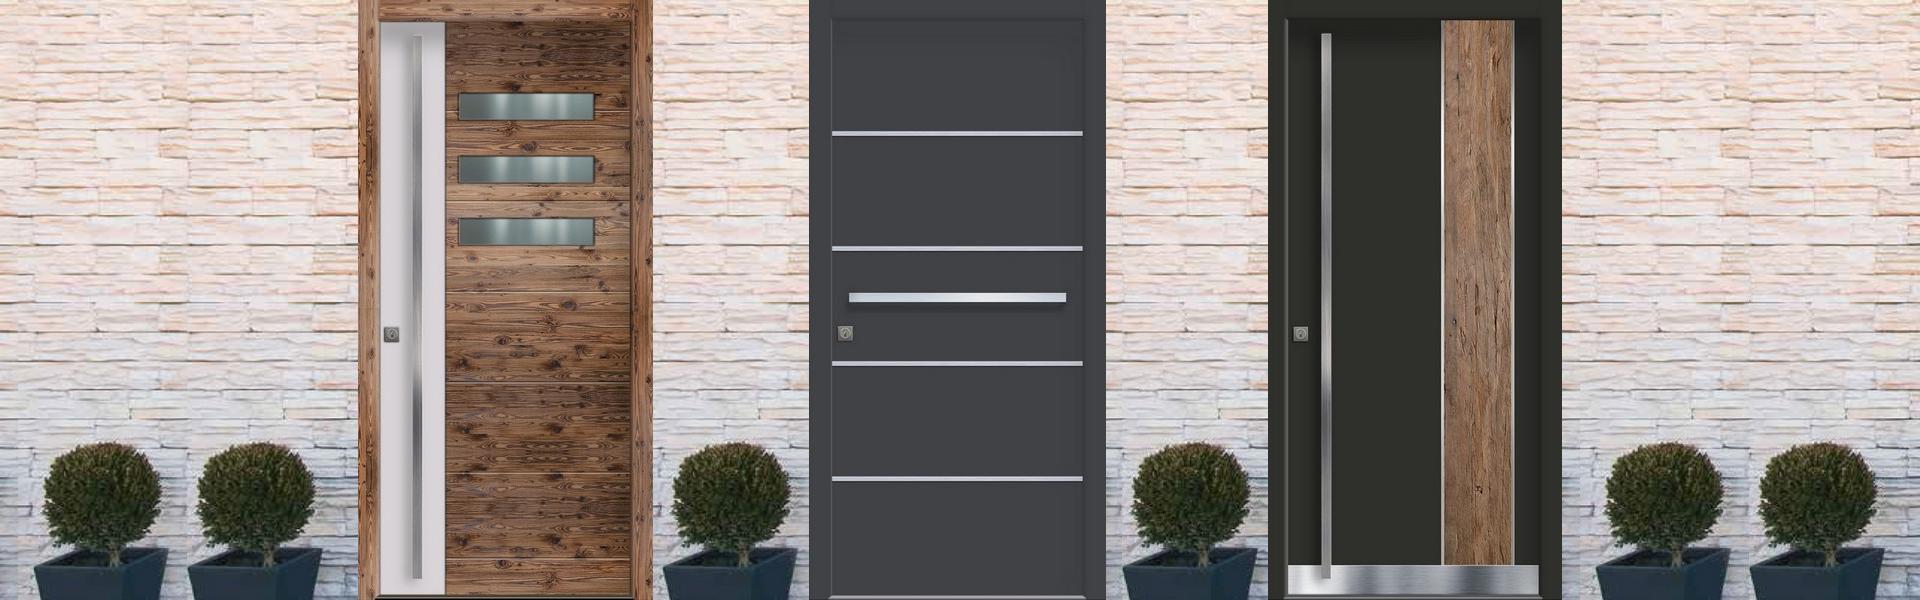 Muralter Türen